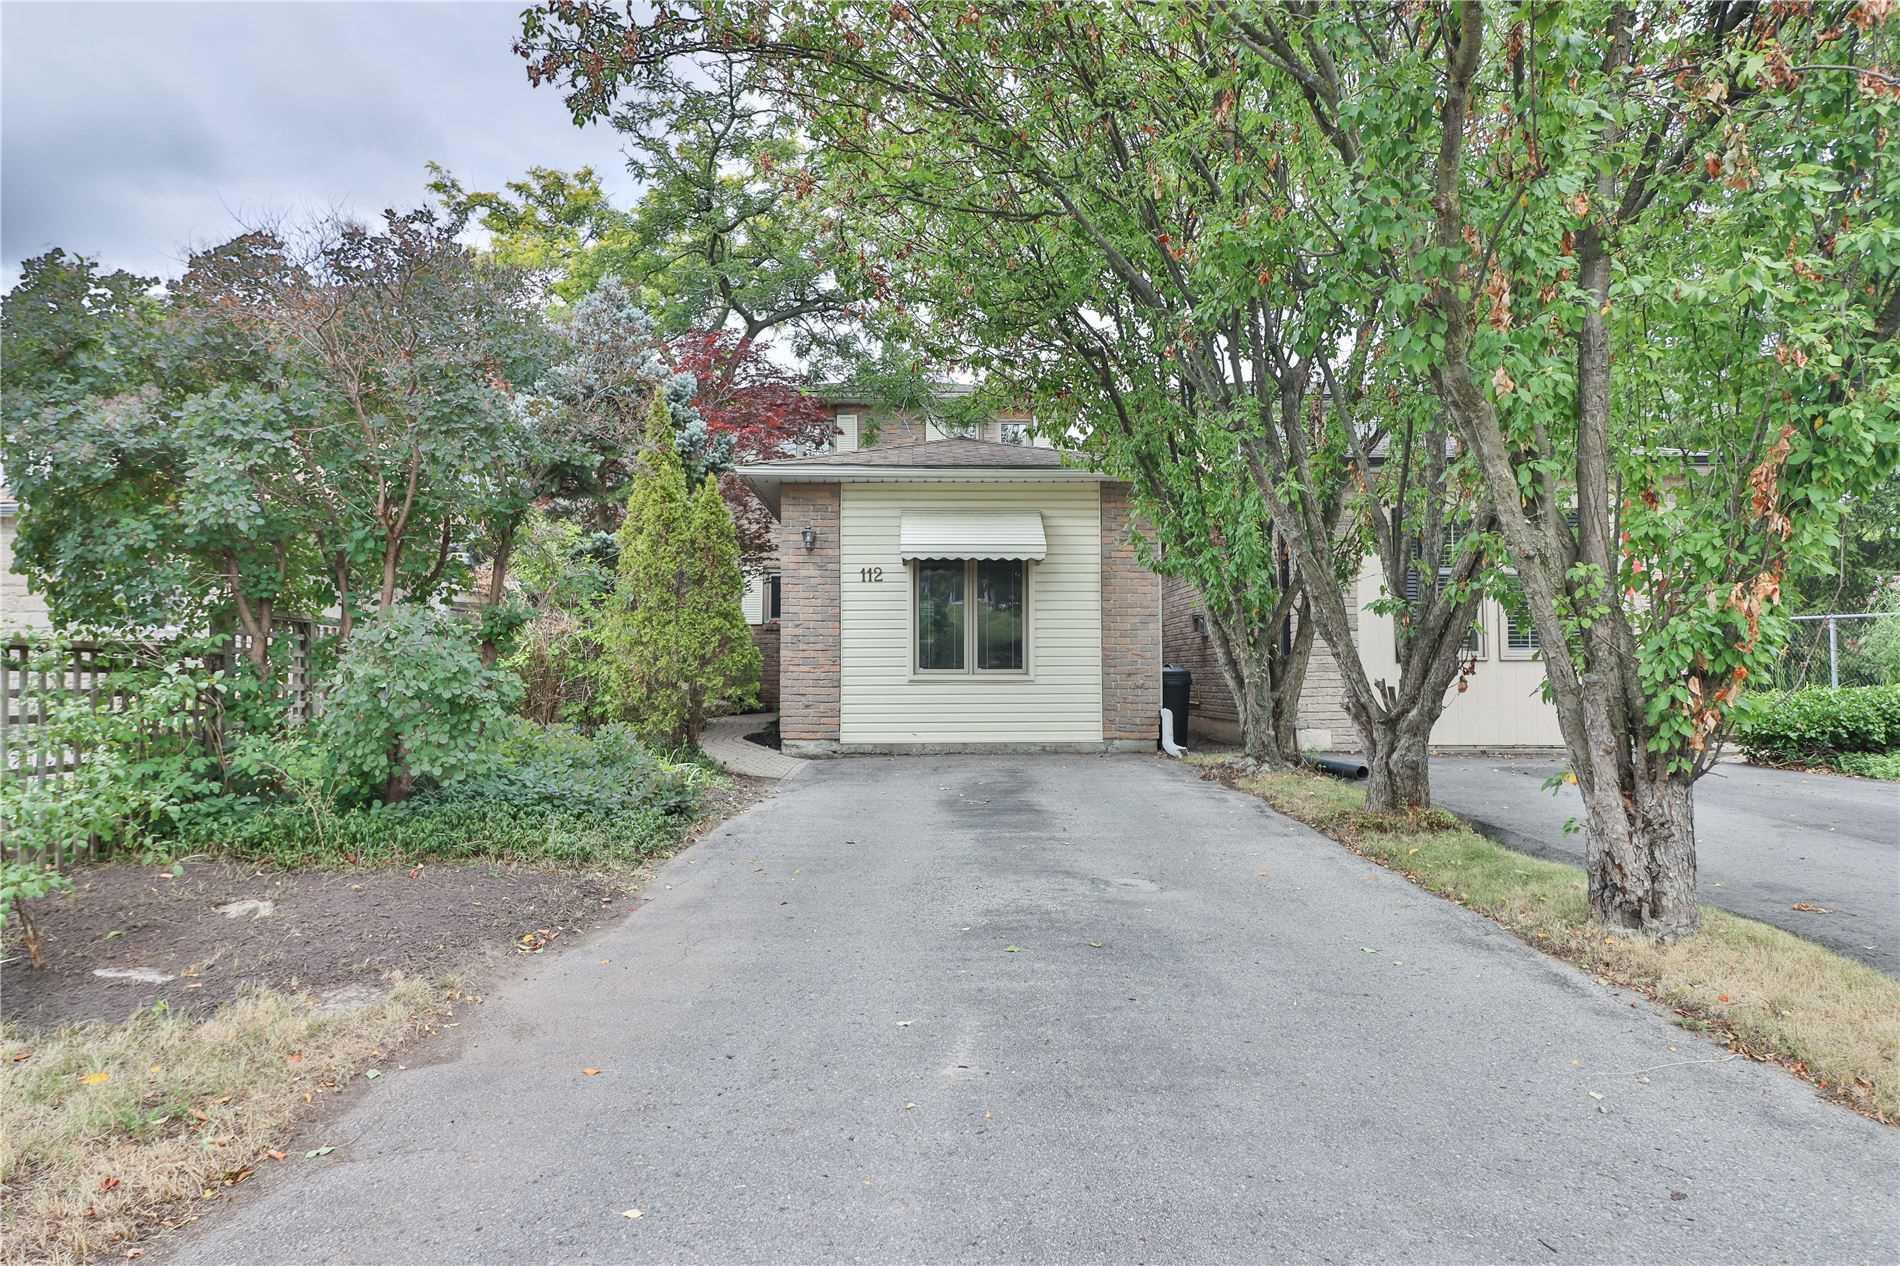 112 Lund St, Richmond Hill, Ontario L4C5V9, 3 Bedrooms Bedrooms, 5 Rooms Rooms,3 BathroomsBathrooms,Detached,For Sale,Lund,N4841499